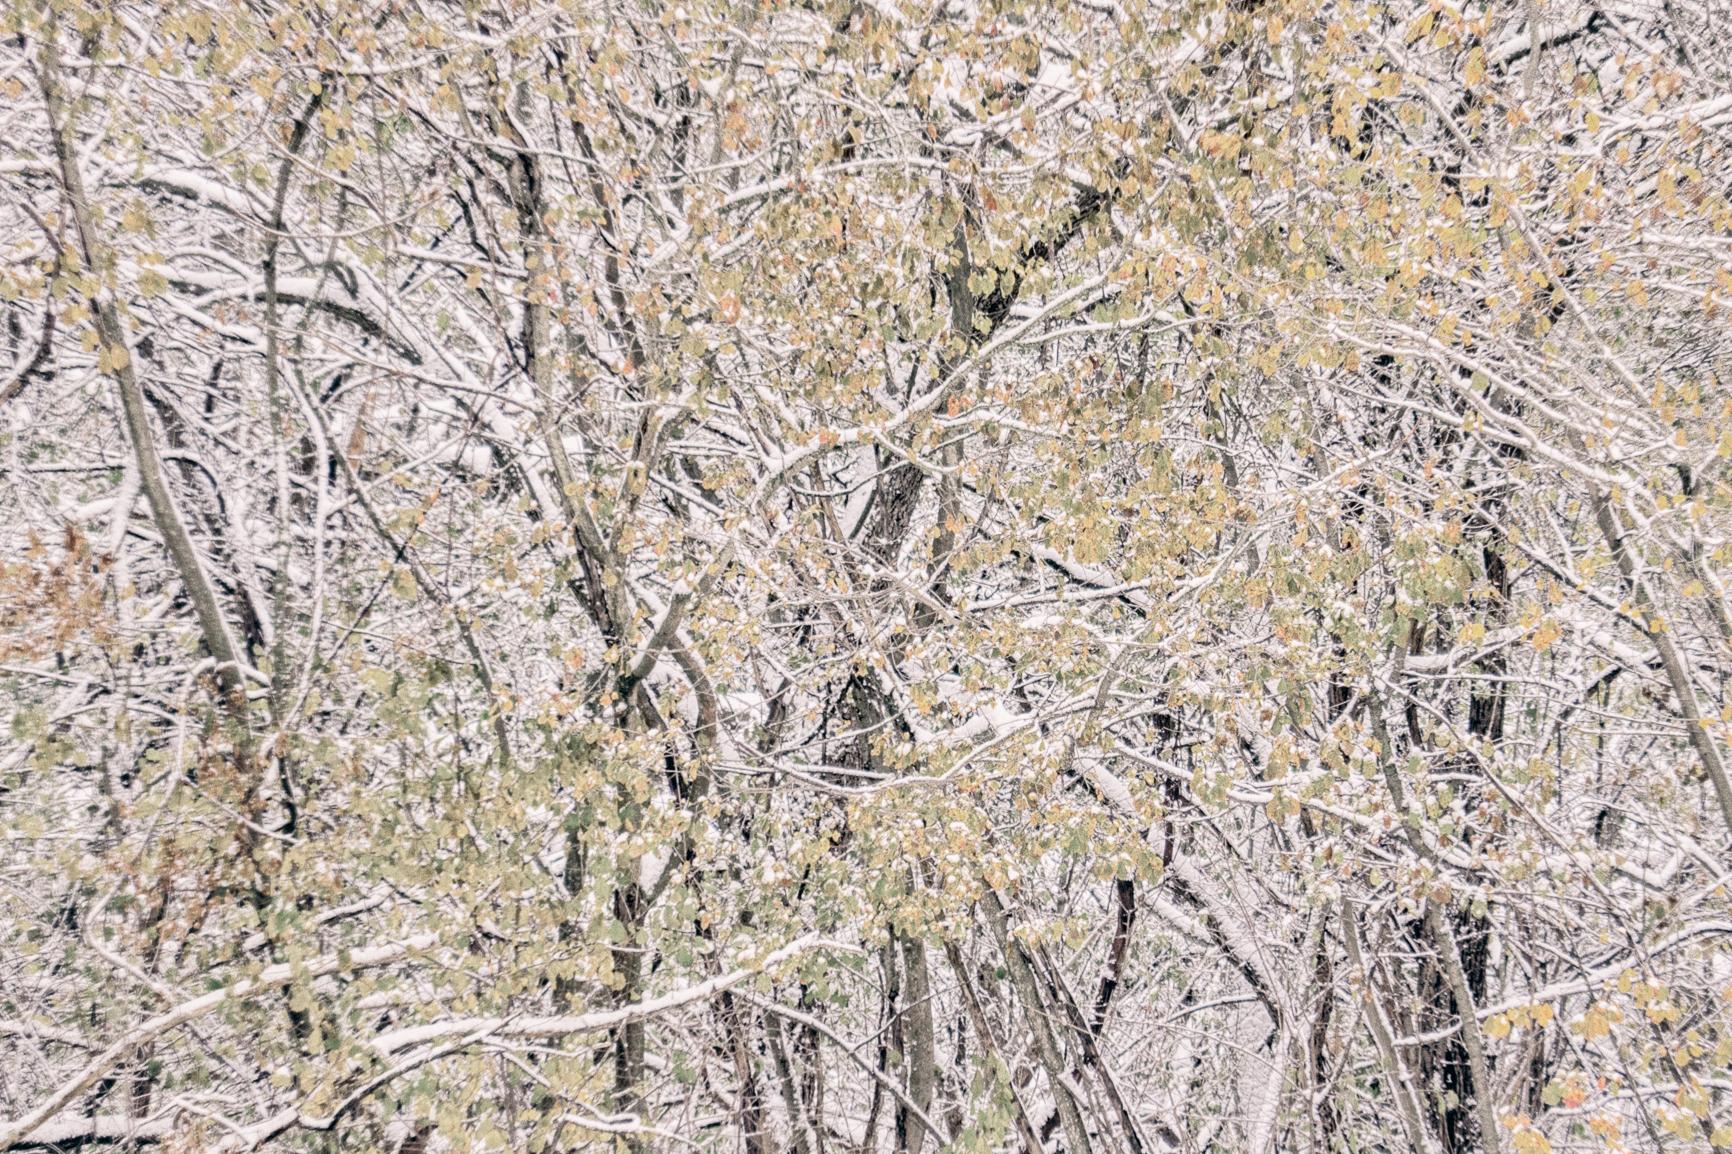 Winter Abstract No. 3